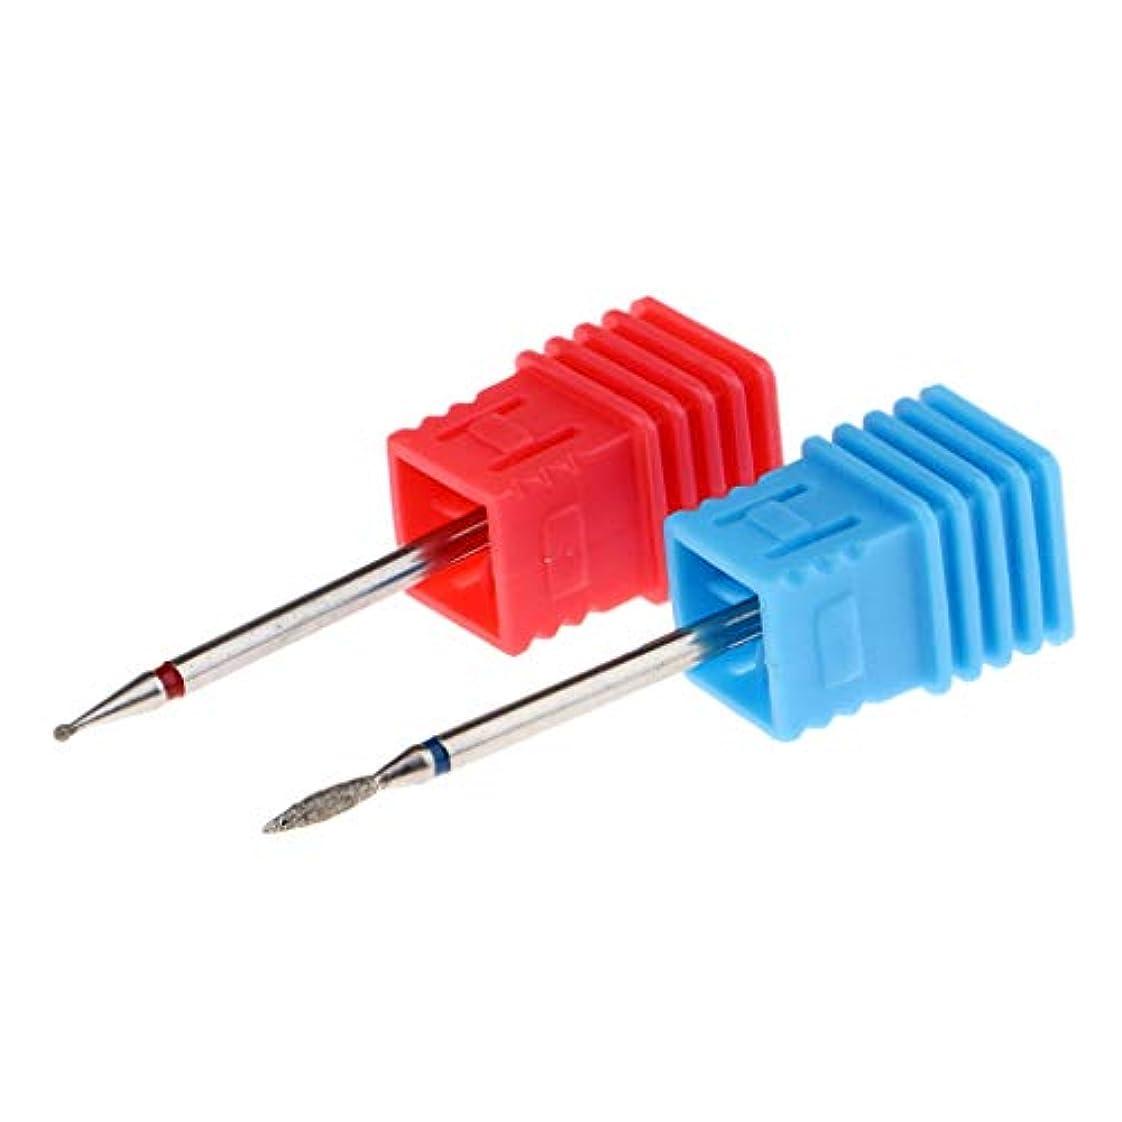 免疫収縮角度FLAMEER ネイルドリル ネイルオフ 電動ネイルマシーン用 超硬 耐久性 2本セット 9色選択 - 03